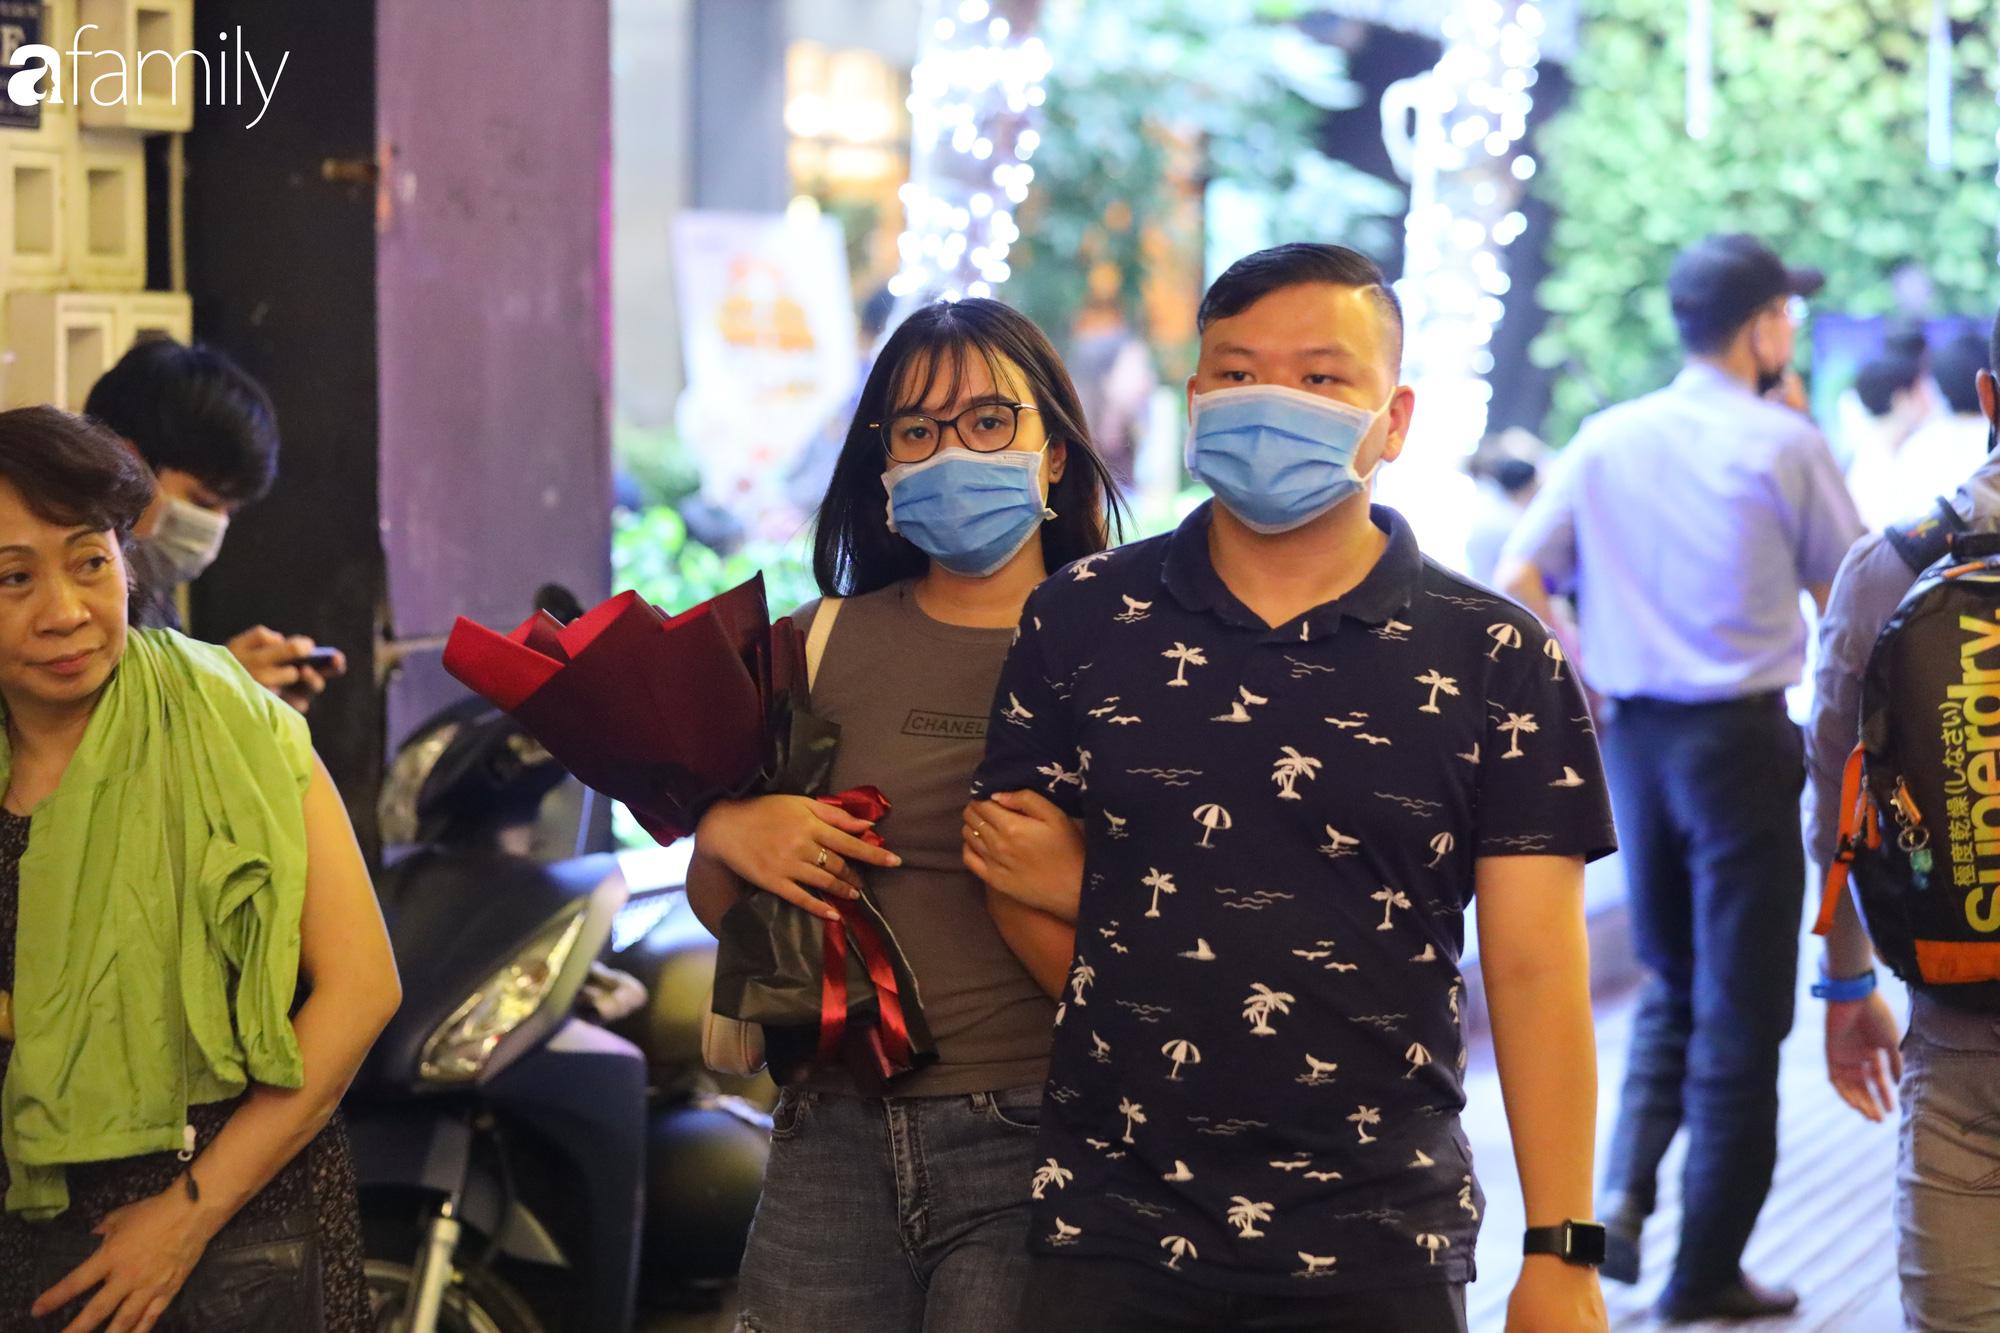 Valentine Hà Nội - Sài Gòn vắng vẻ đìu hiu vì dịch Corona, từ trung tâm thương mại đến phố phường đều ít bóng tình nhân đi chơi - Ảnh 10.